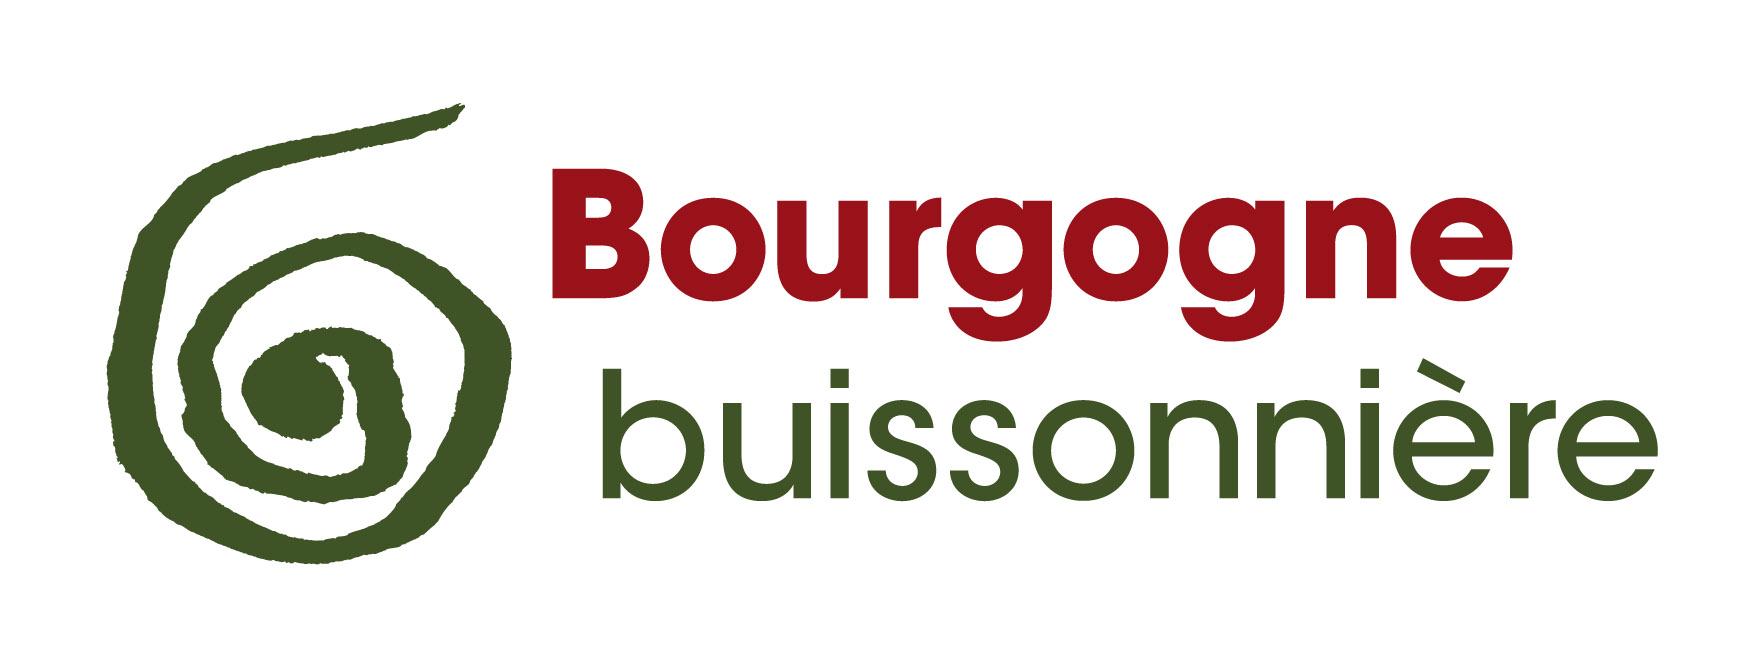 Bourgogne-Buissonnière